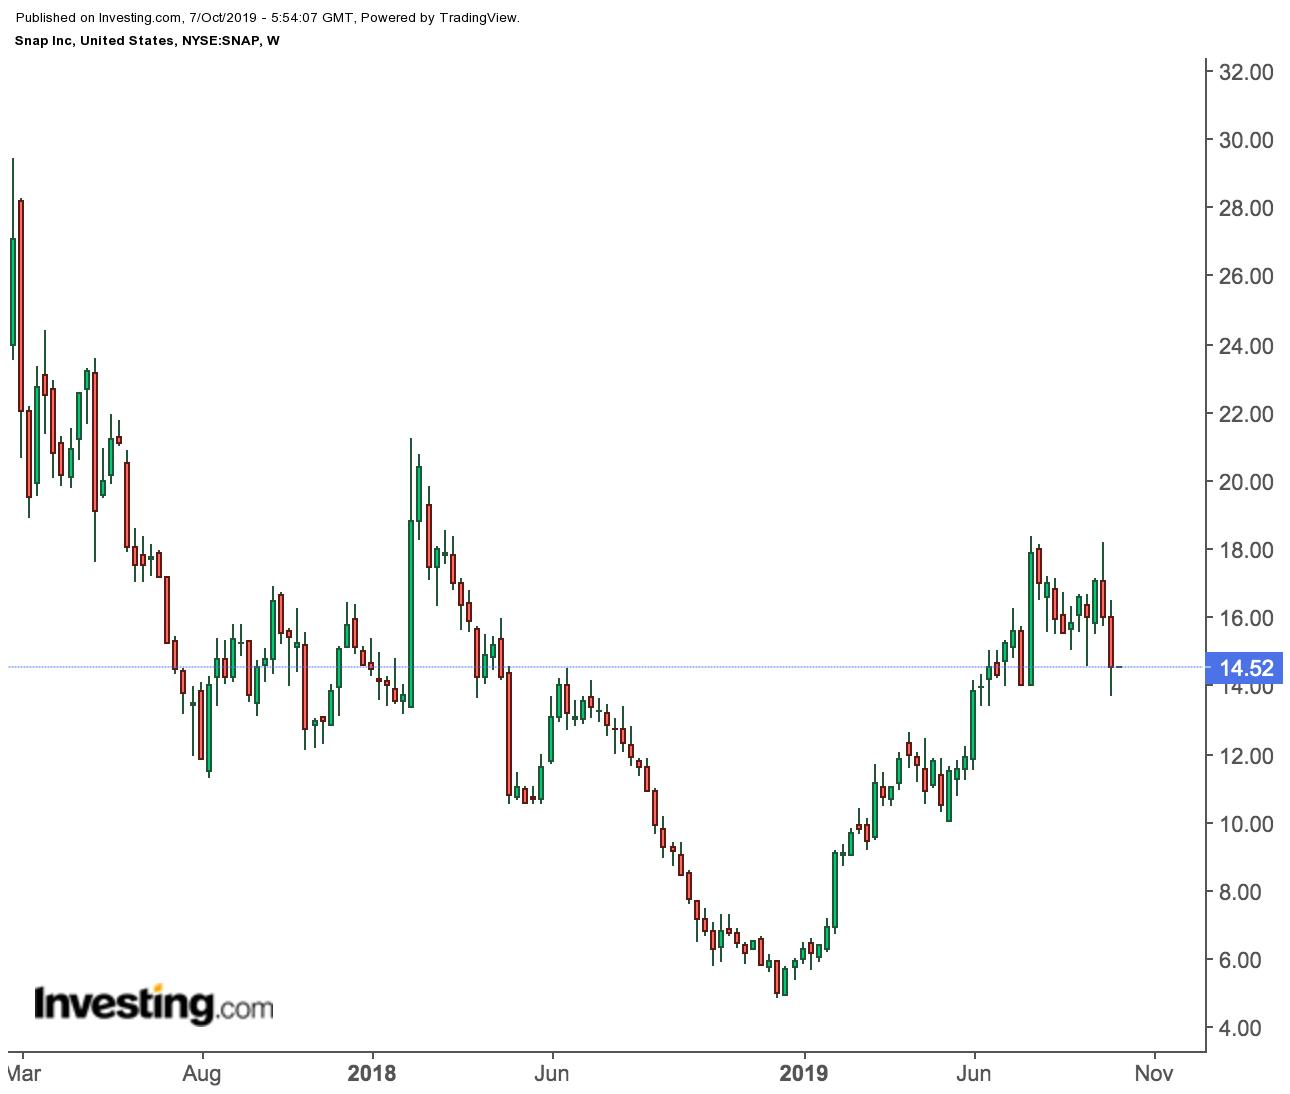 株価 スナップ チャット